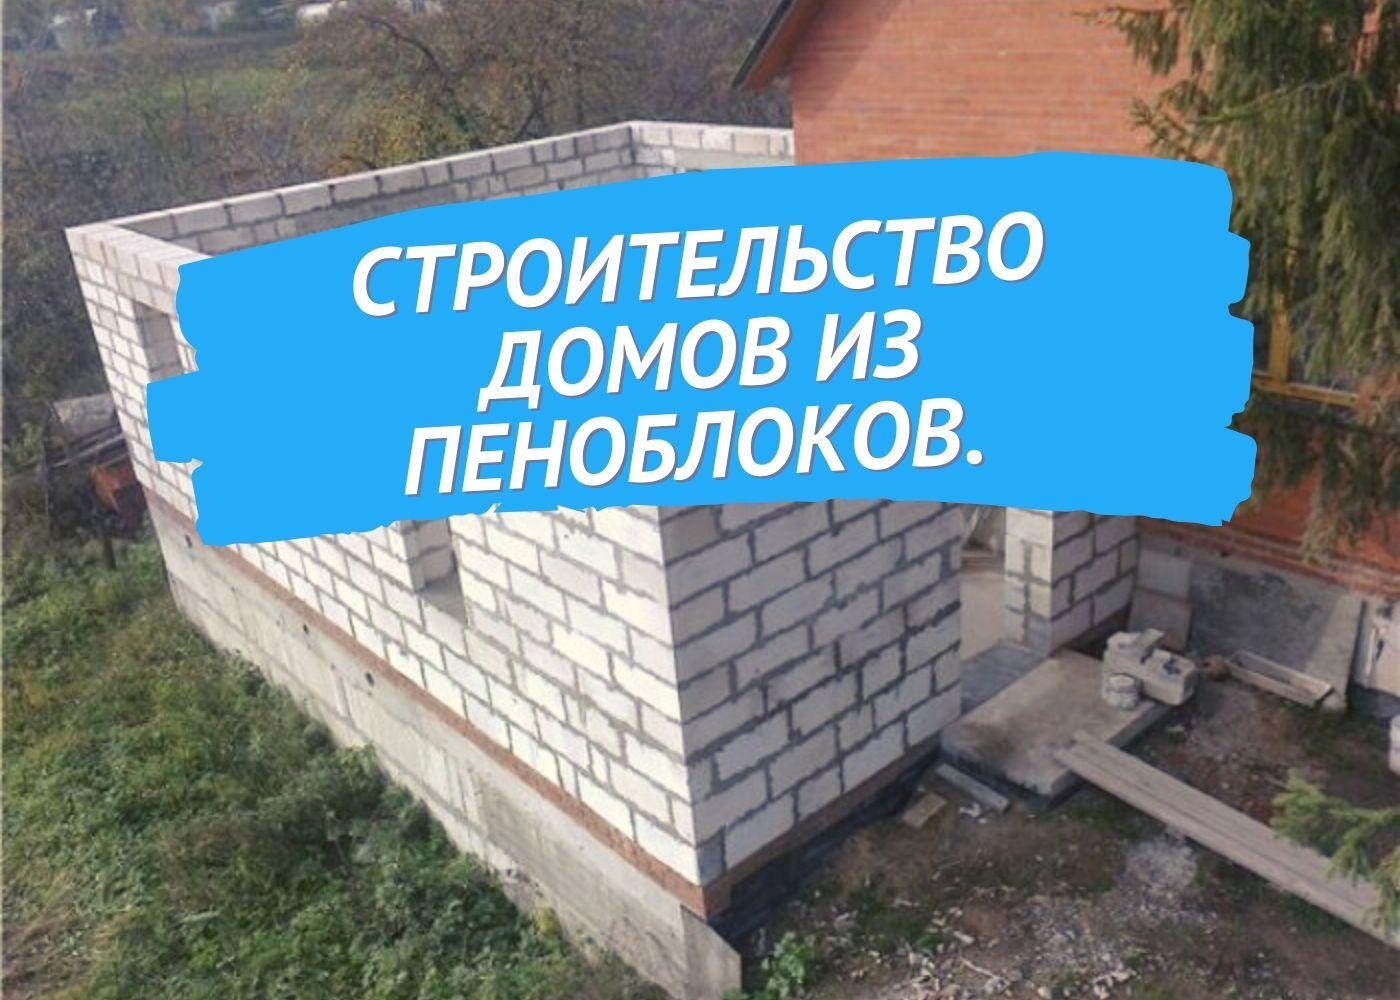 Строительство домов из пеноблоков. Плюсы и минусы.